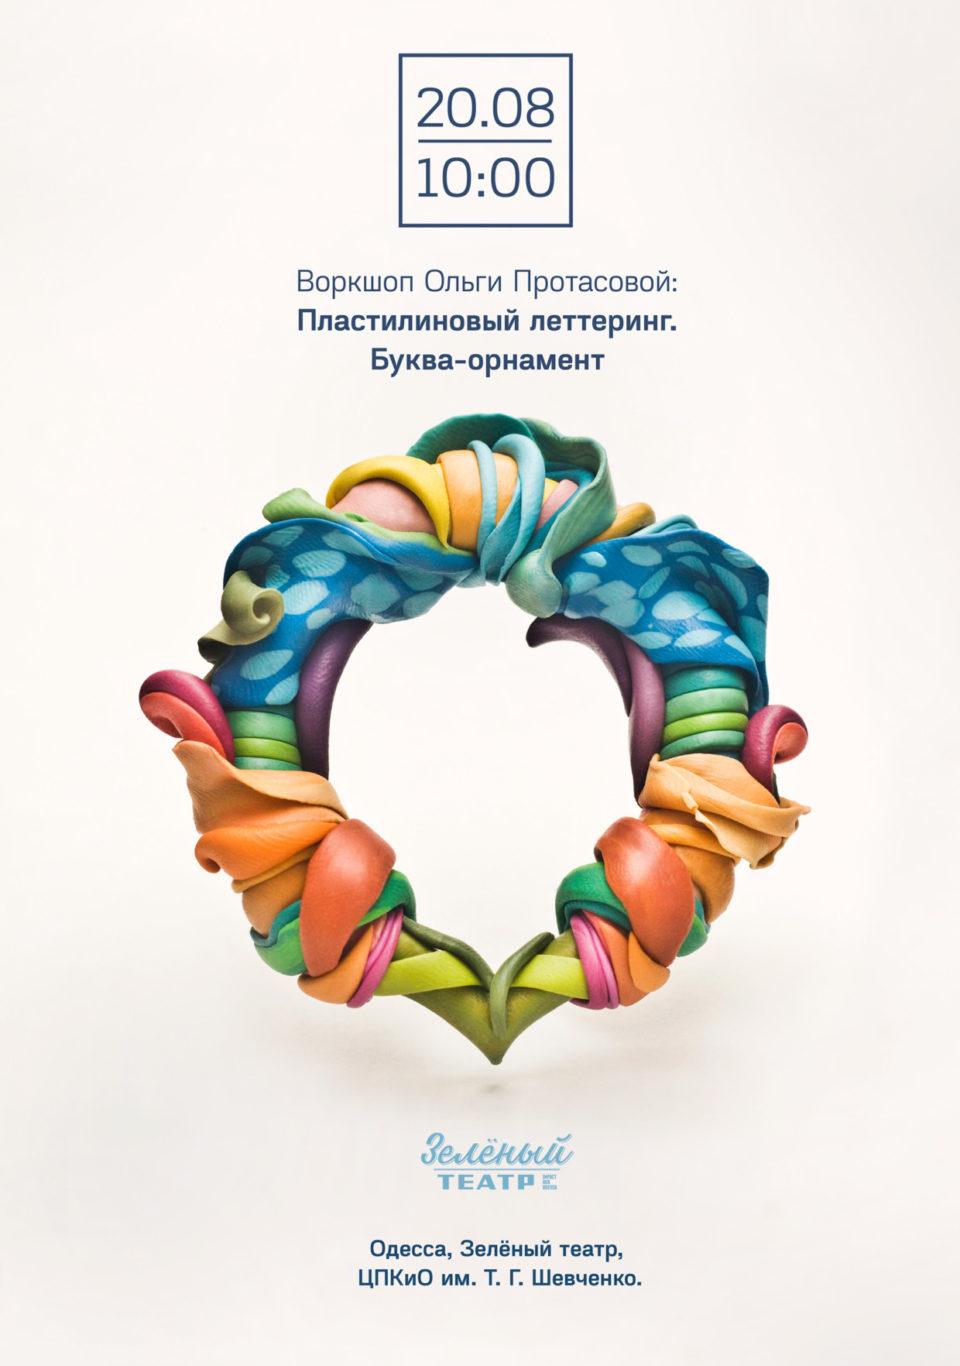 Olga Protasova用造型粘土创作的精美海报